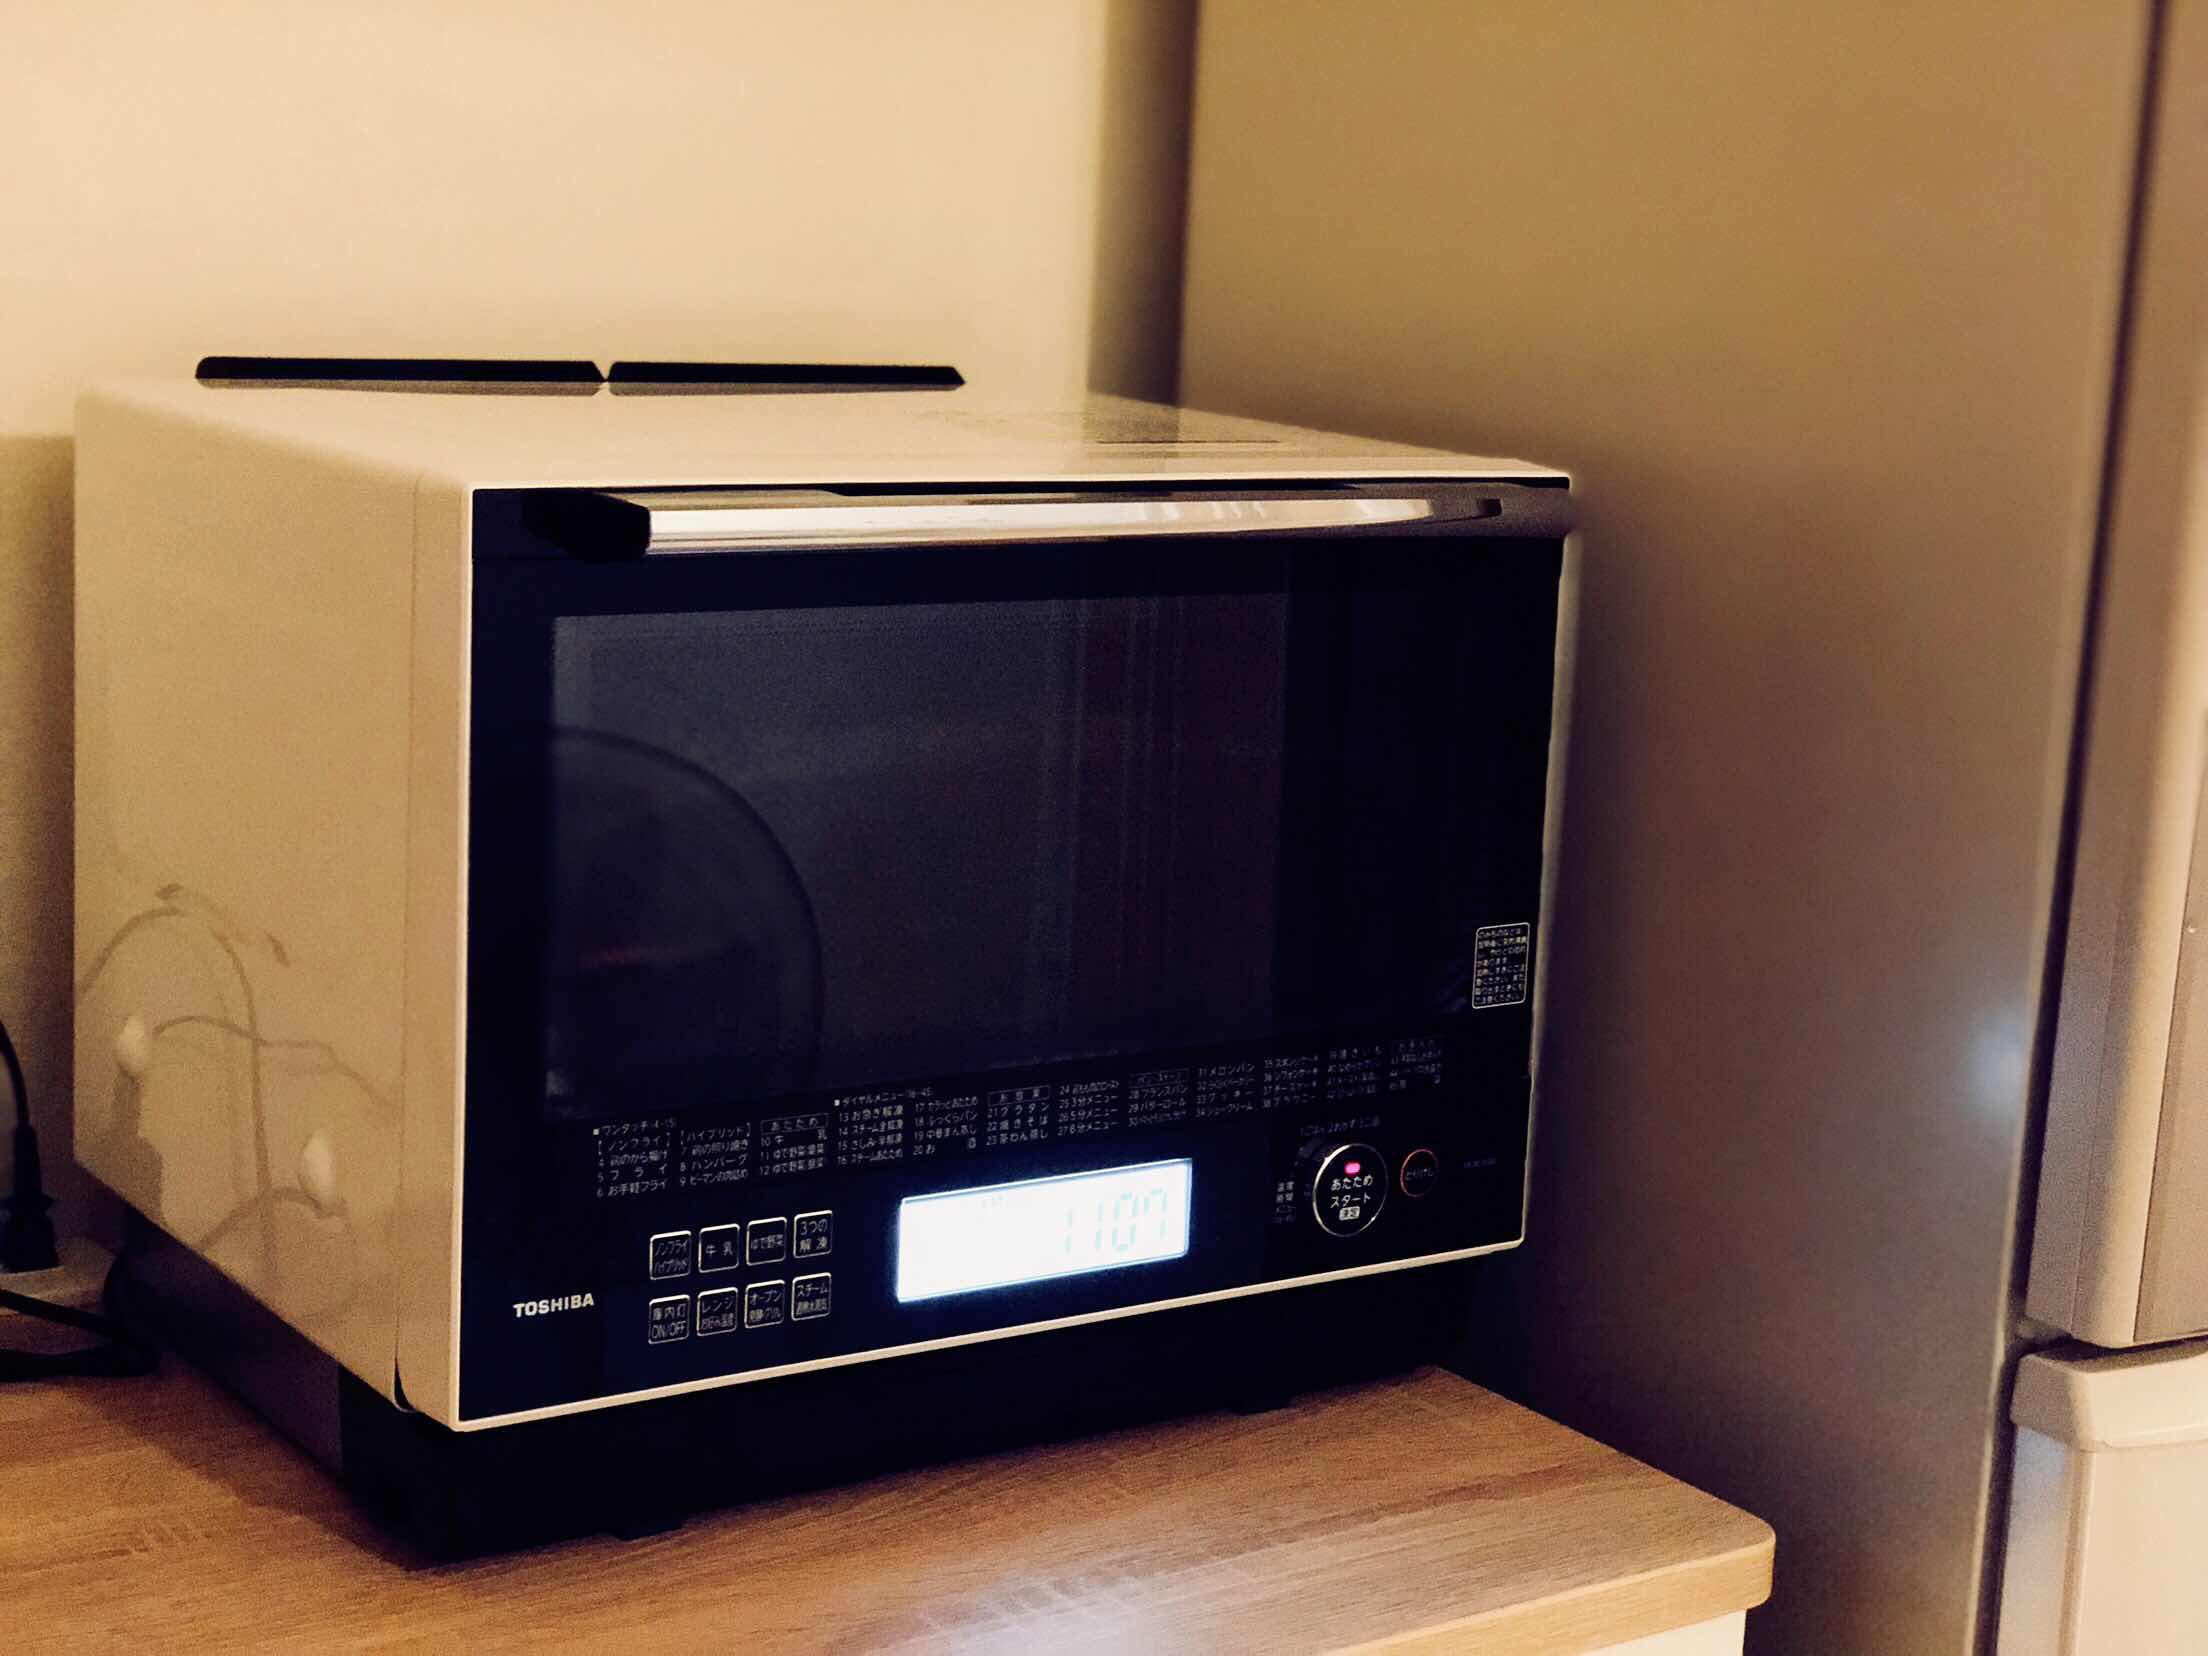 [開箱] 東芝Toshiba 石窯ドームER-RD3000水波爐使用料理心得